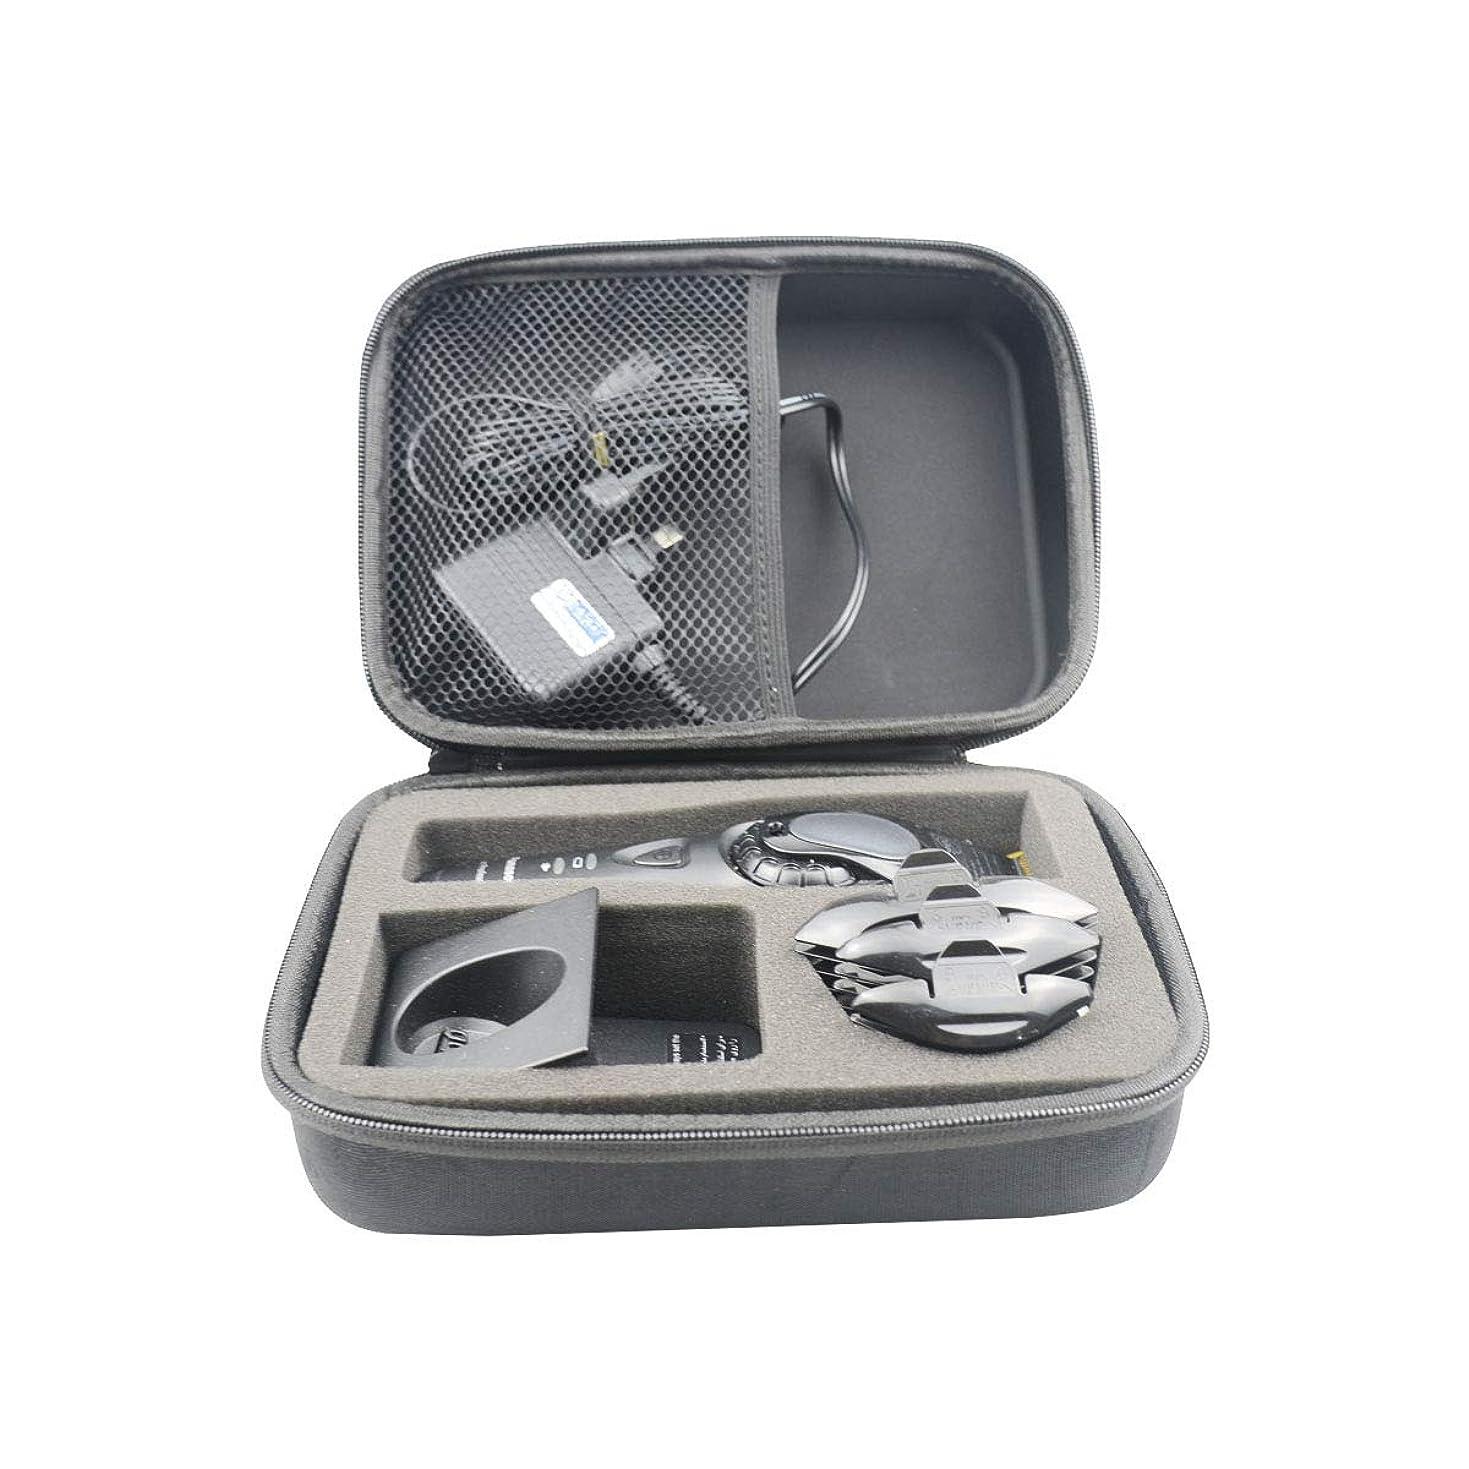 収容する今晩愛国的なSANVSENパナソニックER-GP80 Kプロフェッショナルヘアクリッパーハードスーツケース